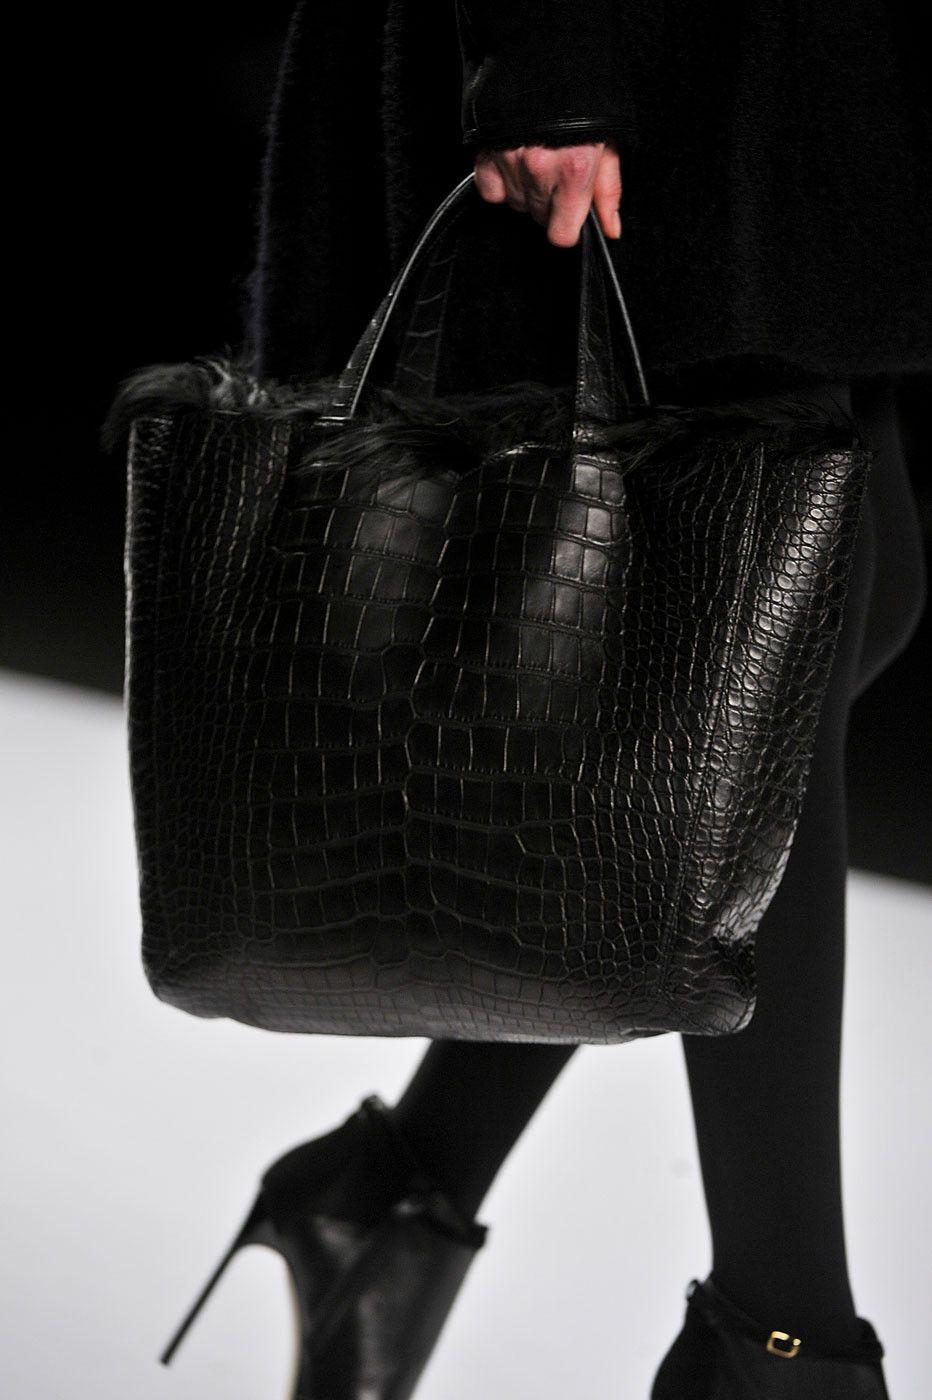 202a6605b88e Большие сумки женские: виды, где купить, с чем сочетать? Выяснить помогут  опытные стилисты, которые держат руку на пульсе модных тенденций 2018 года.